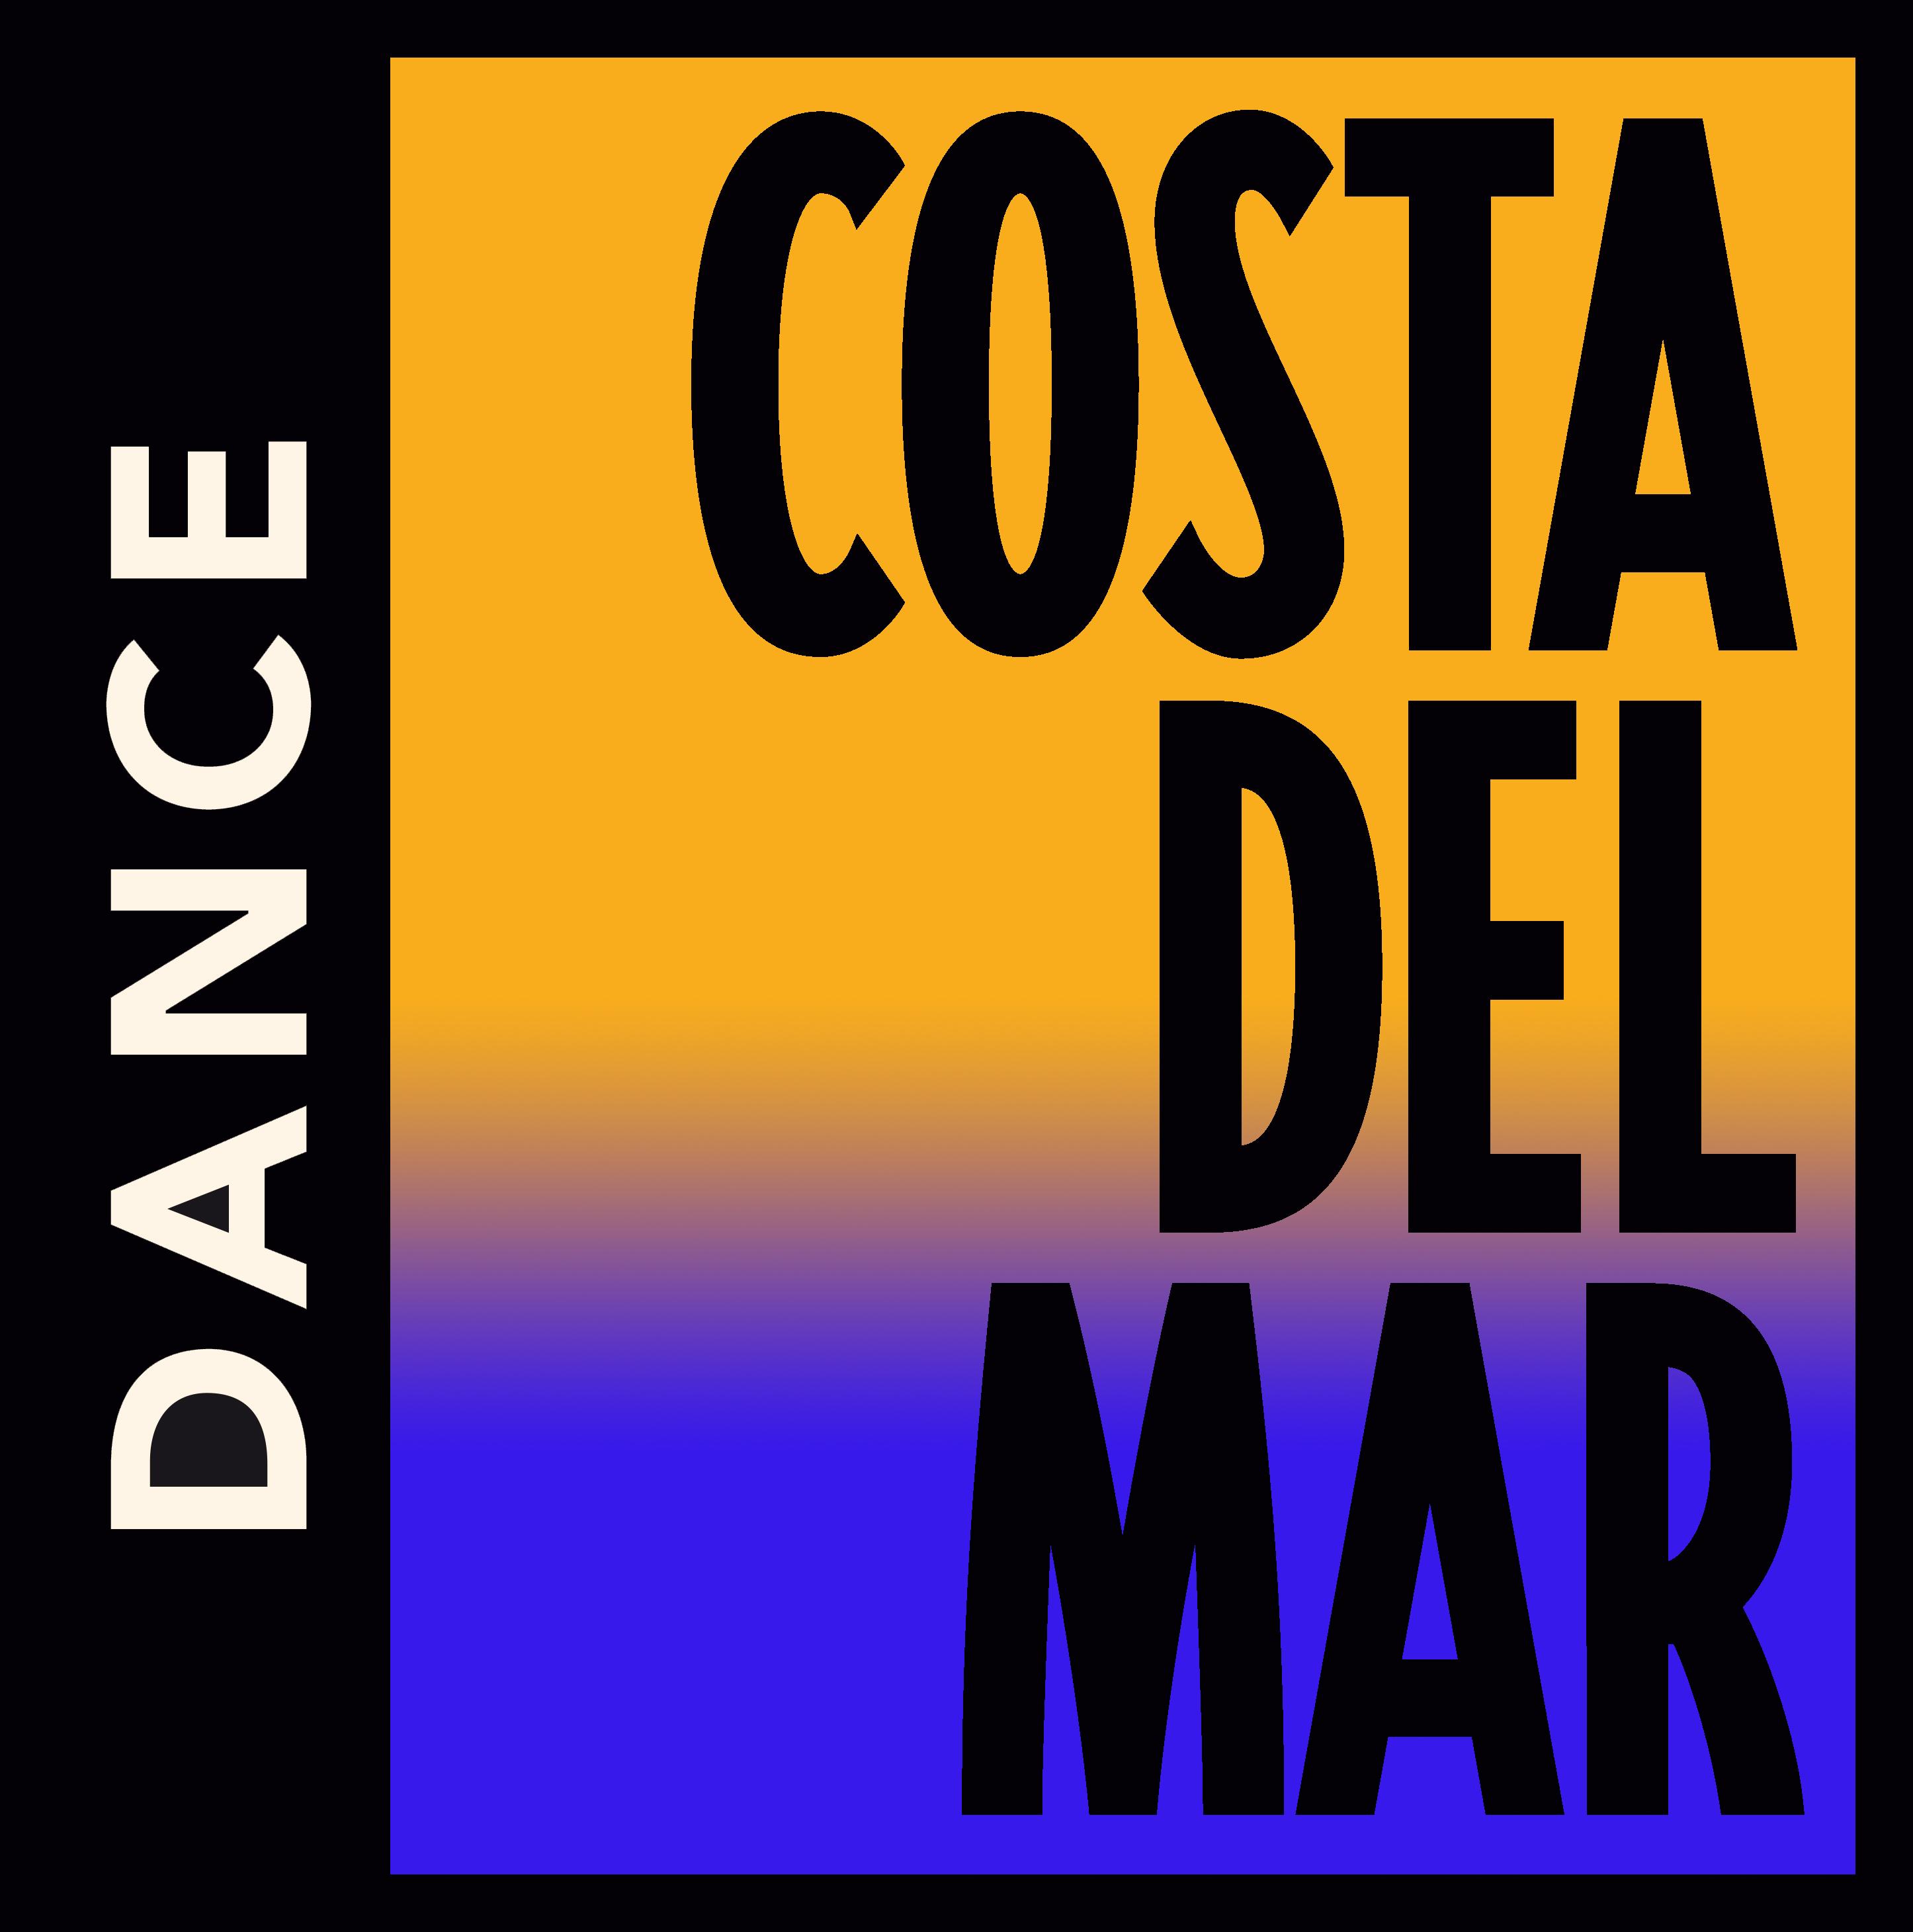 63c7859f5b815 Costa Del Mar - Dance Radio